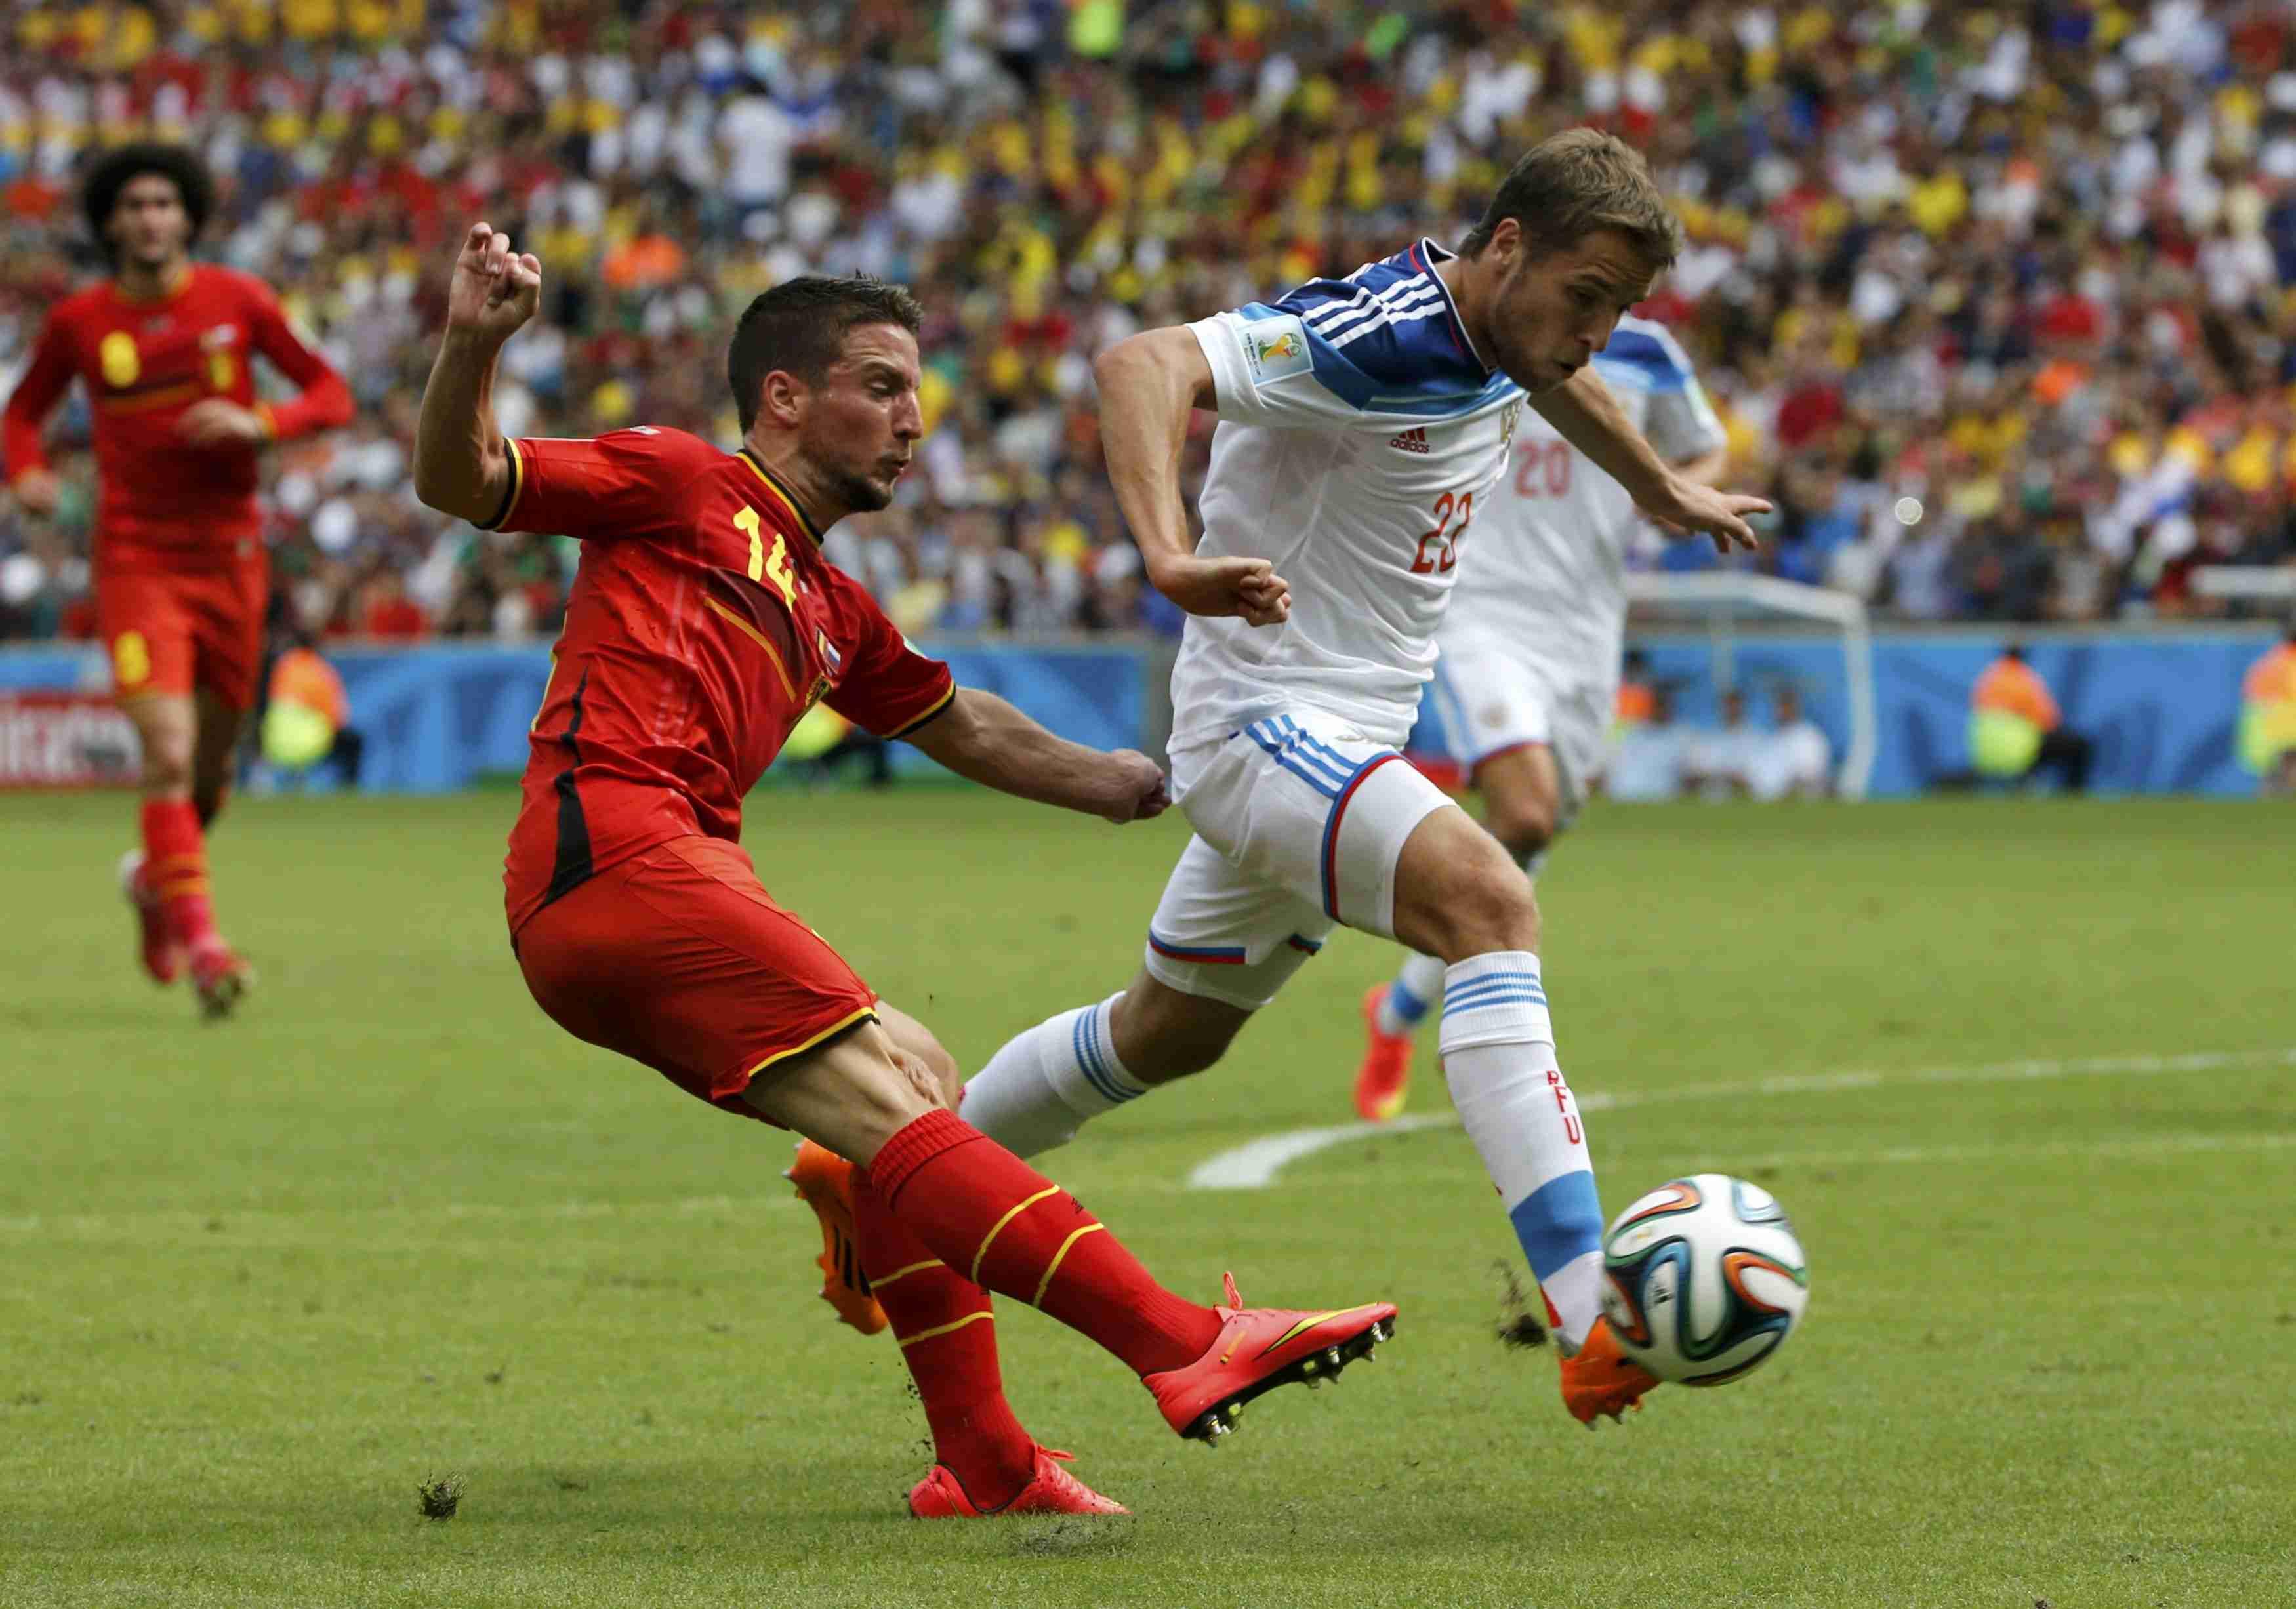 Футбол прямая трансляция россия бельгия смотреть онлайн 5 фотография